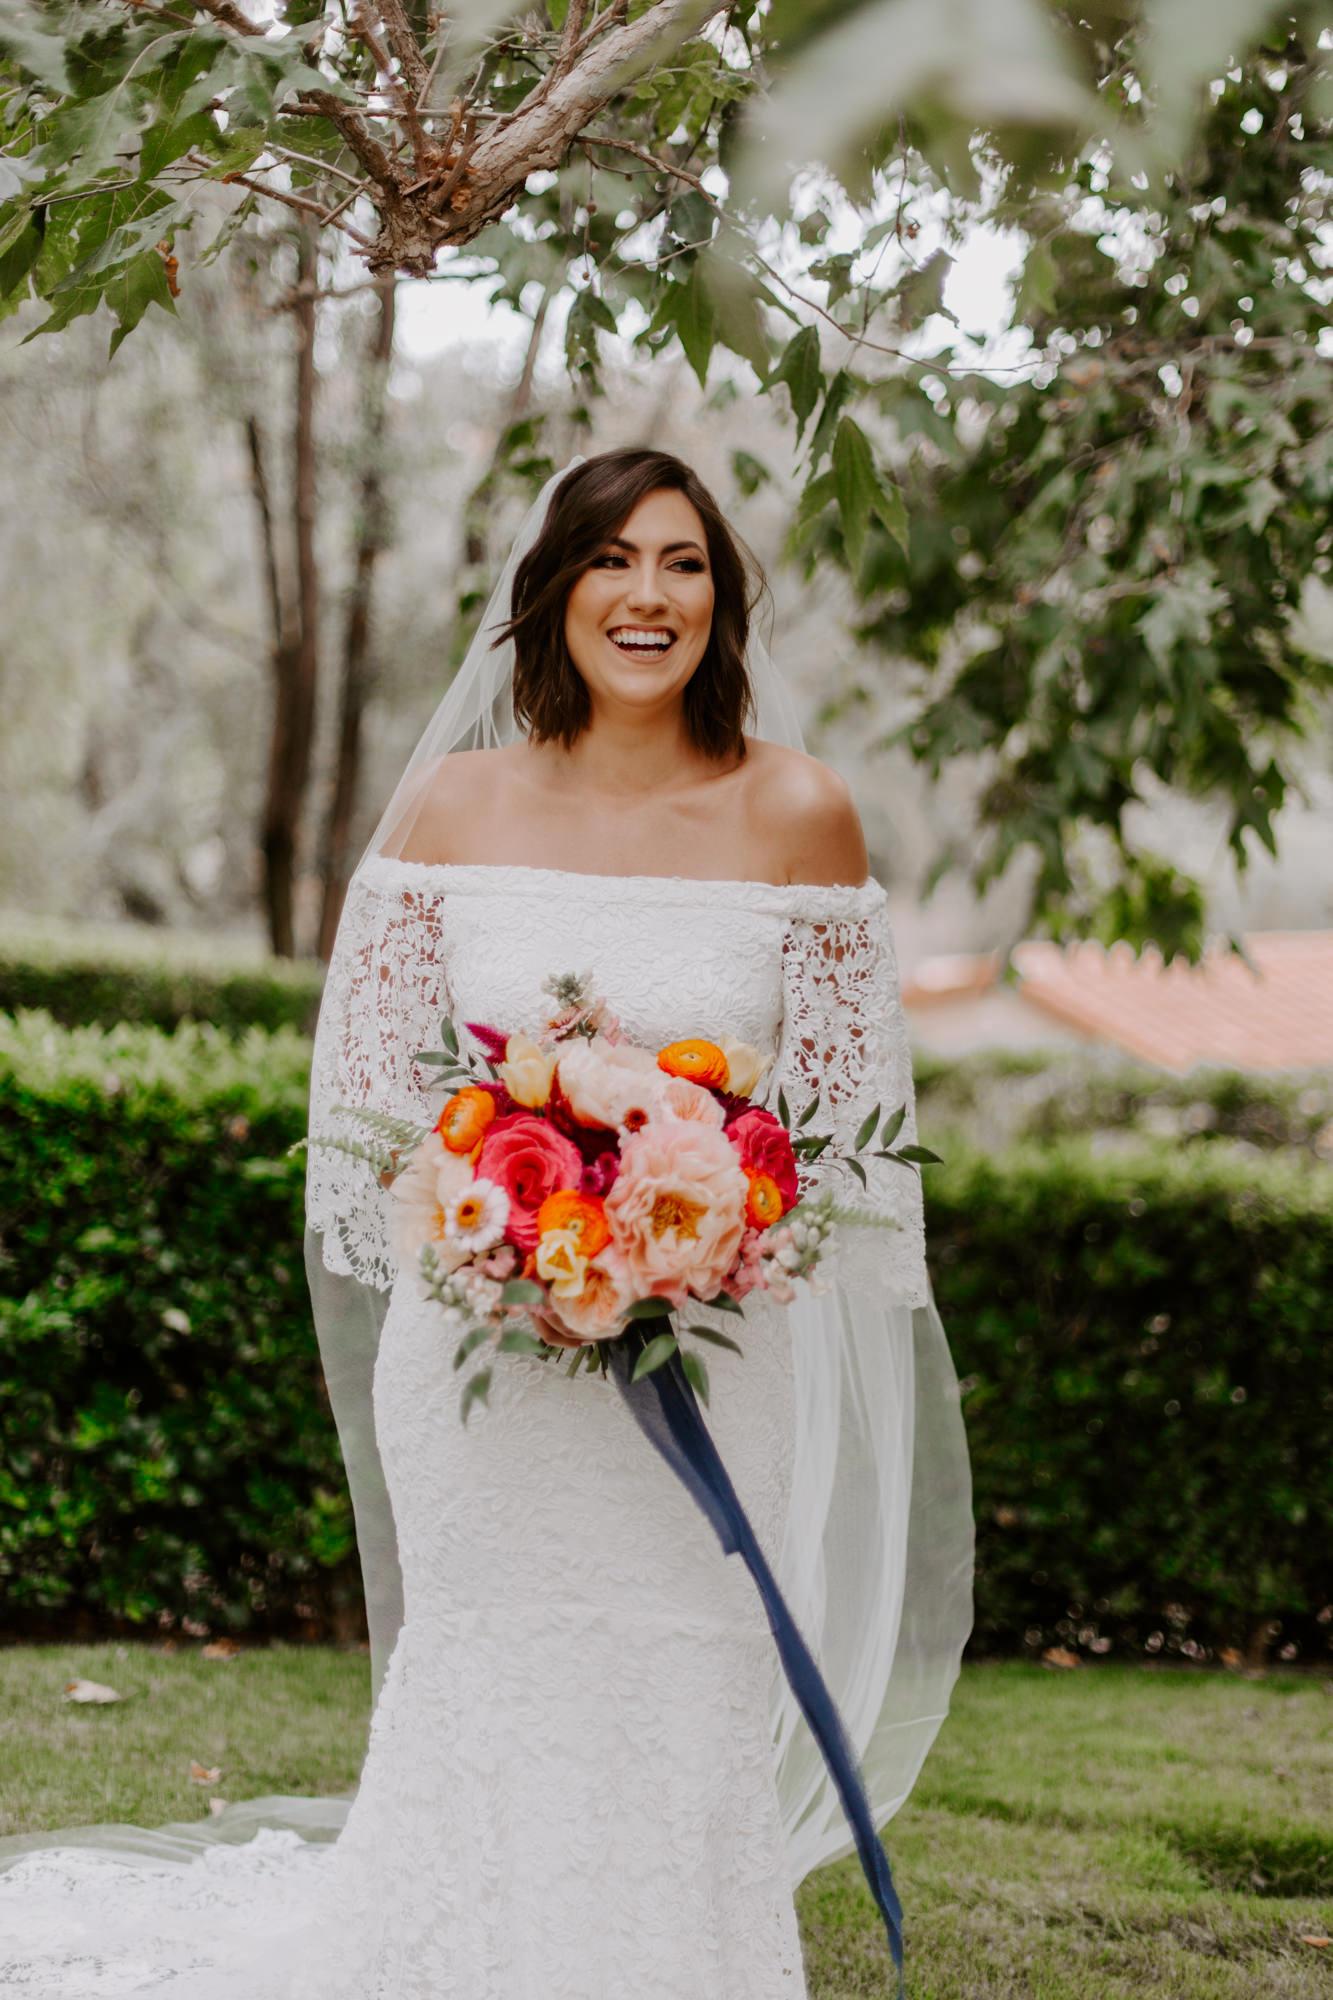 Rancho bernardo Inn san deigo wedding photography0025.jpg